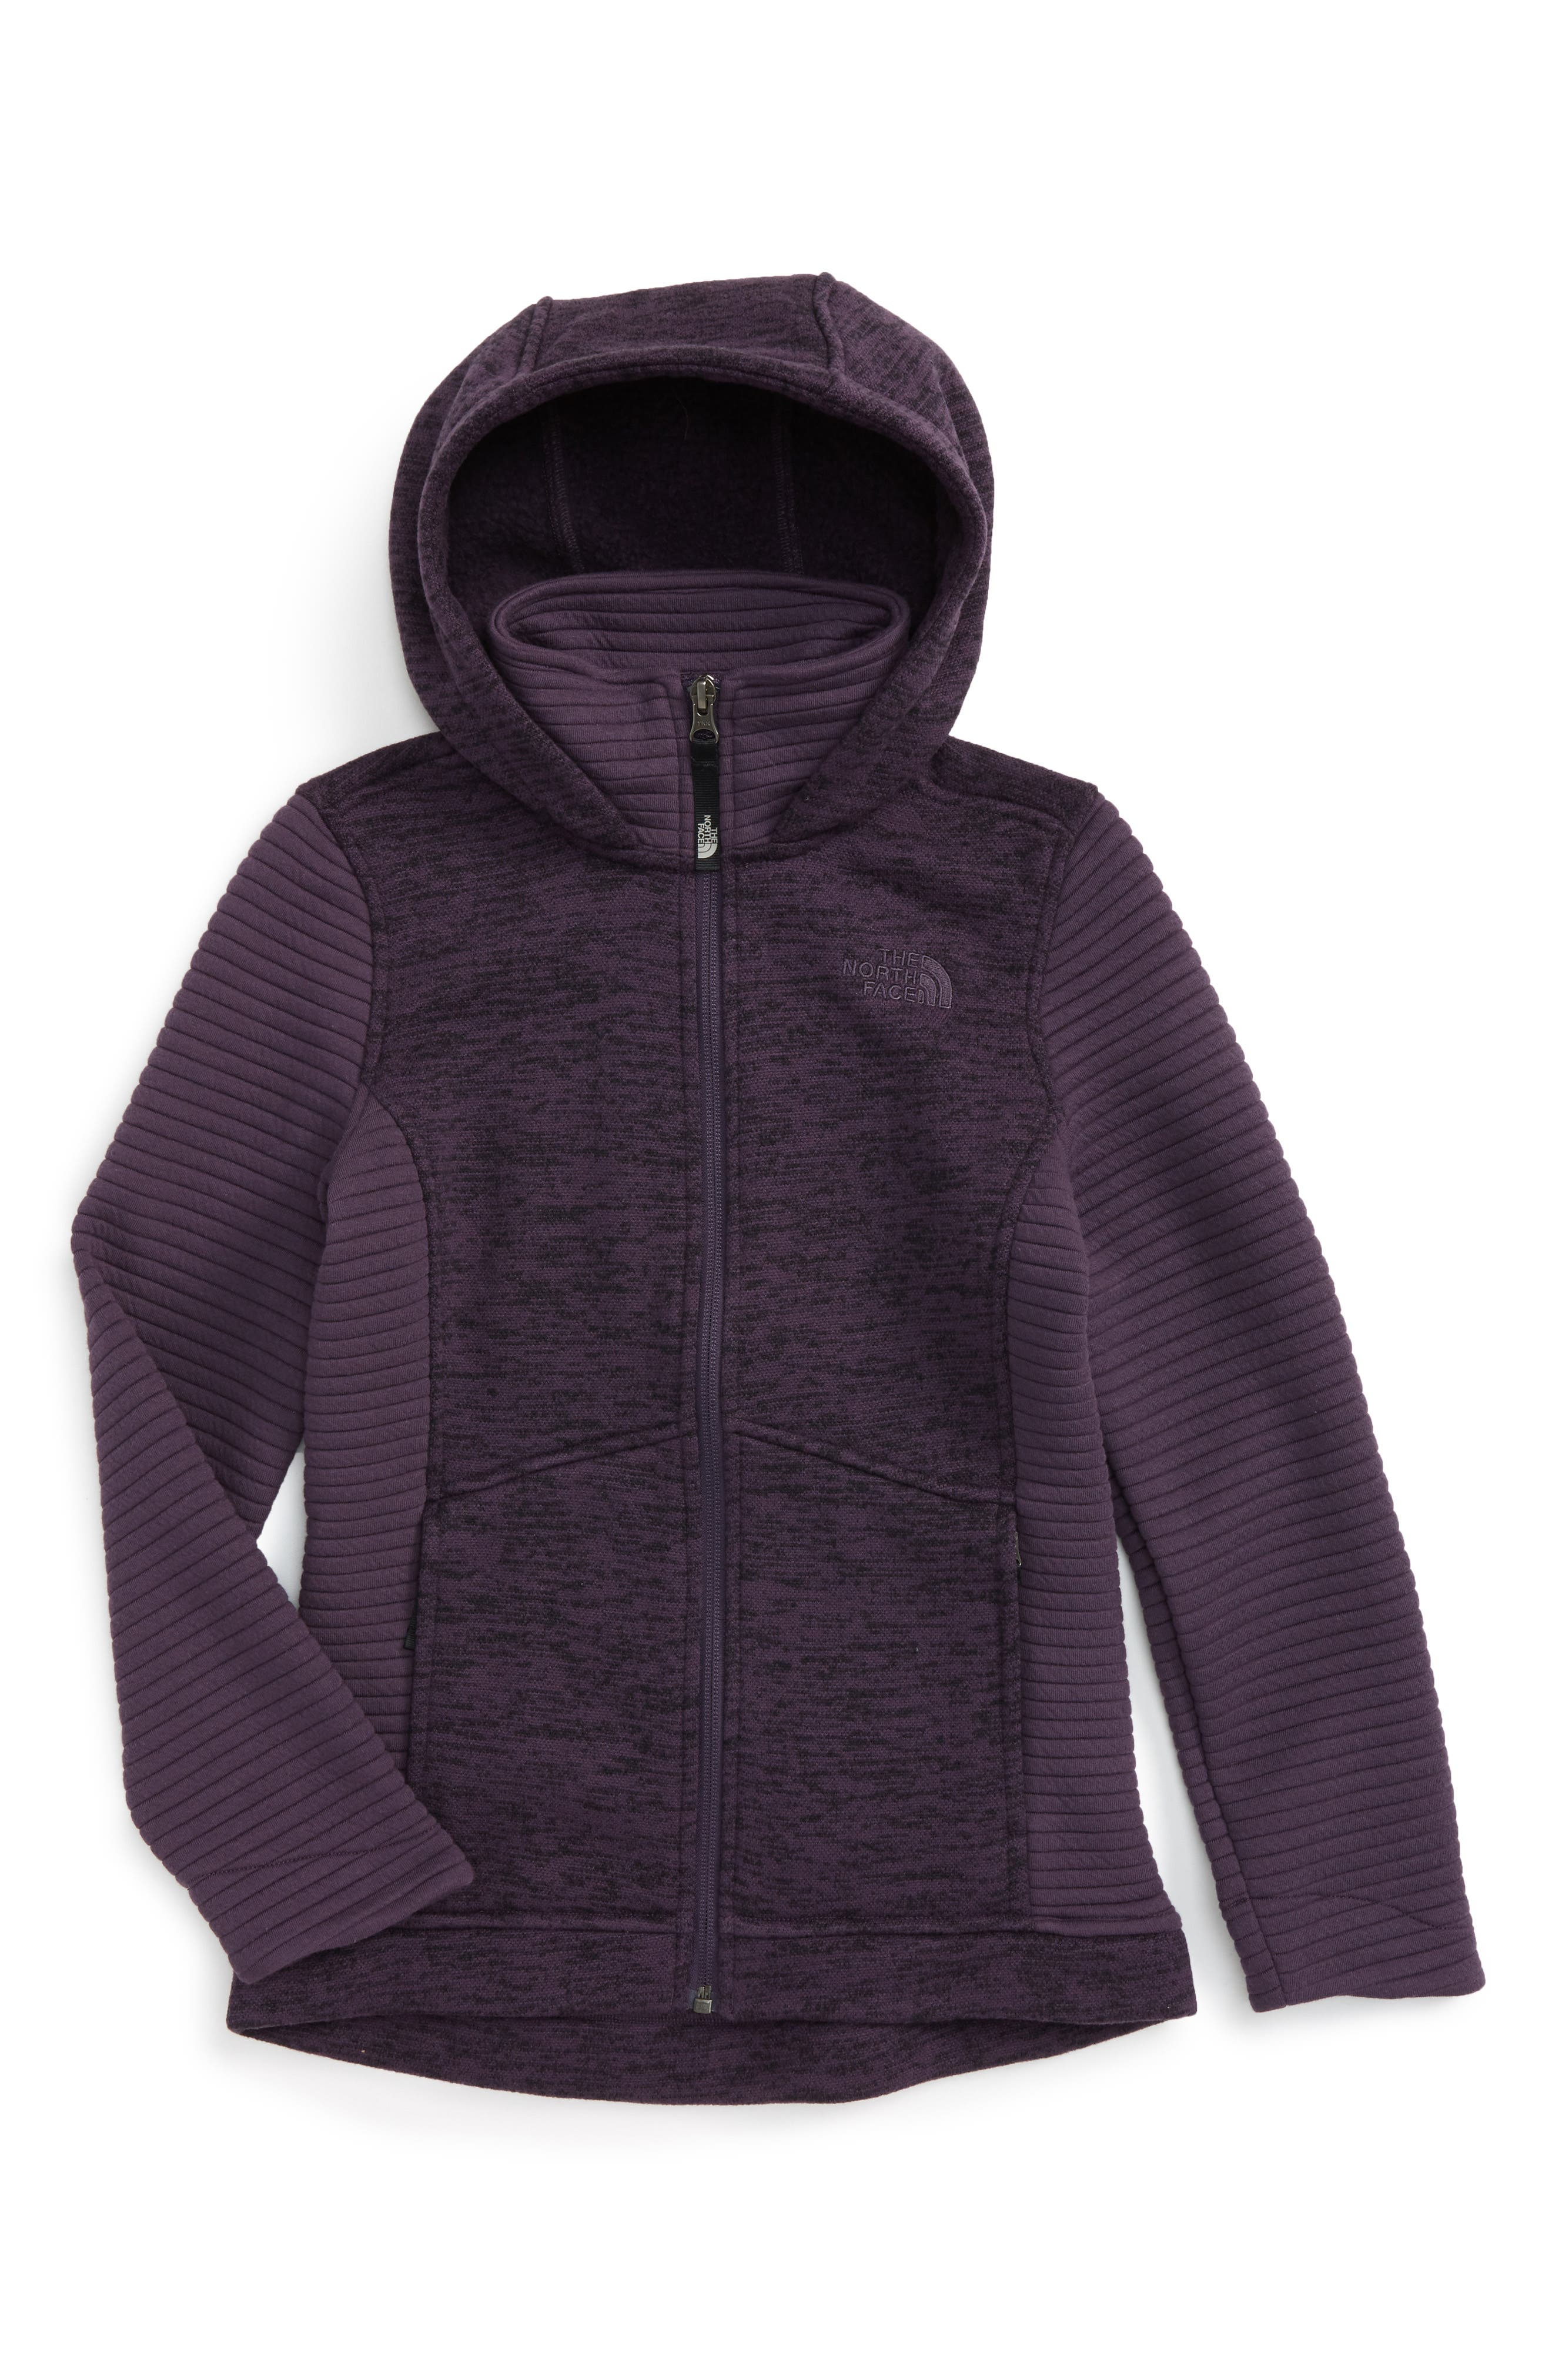 Main Image - The North Face Indi 2 Hooded Knit Parka (Big Girls)